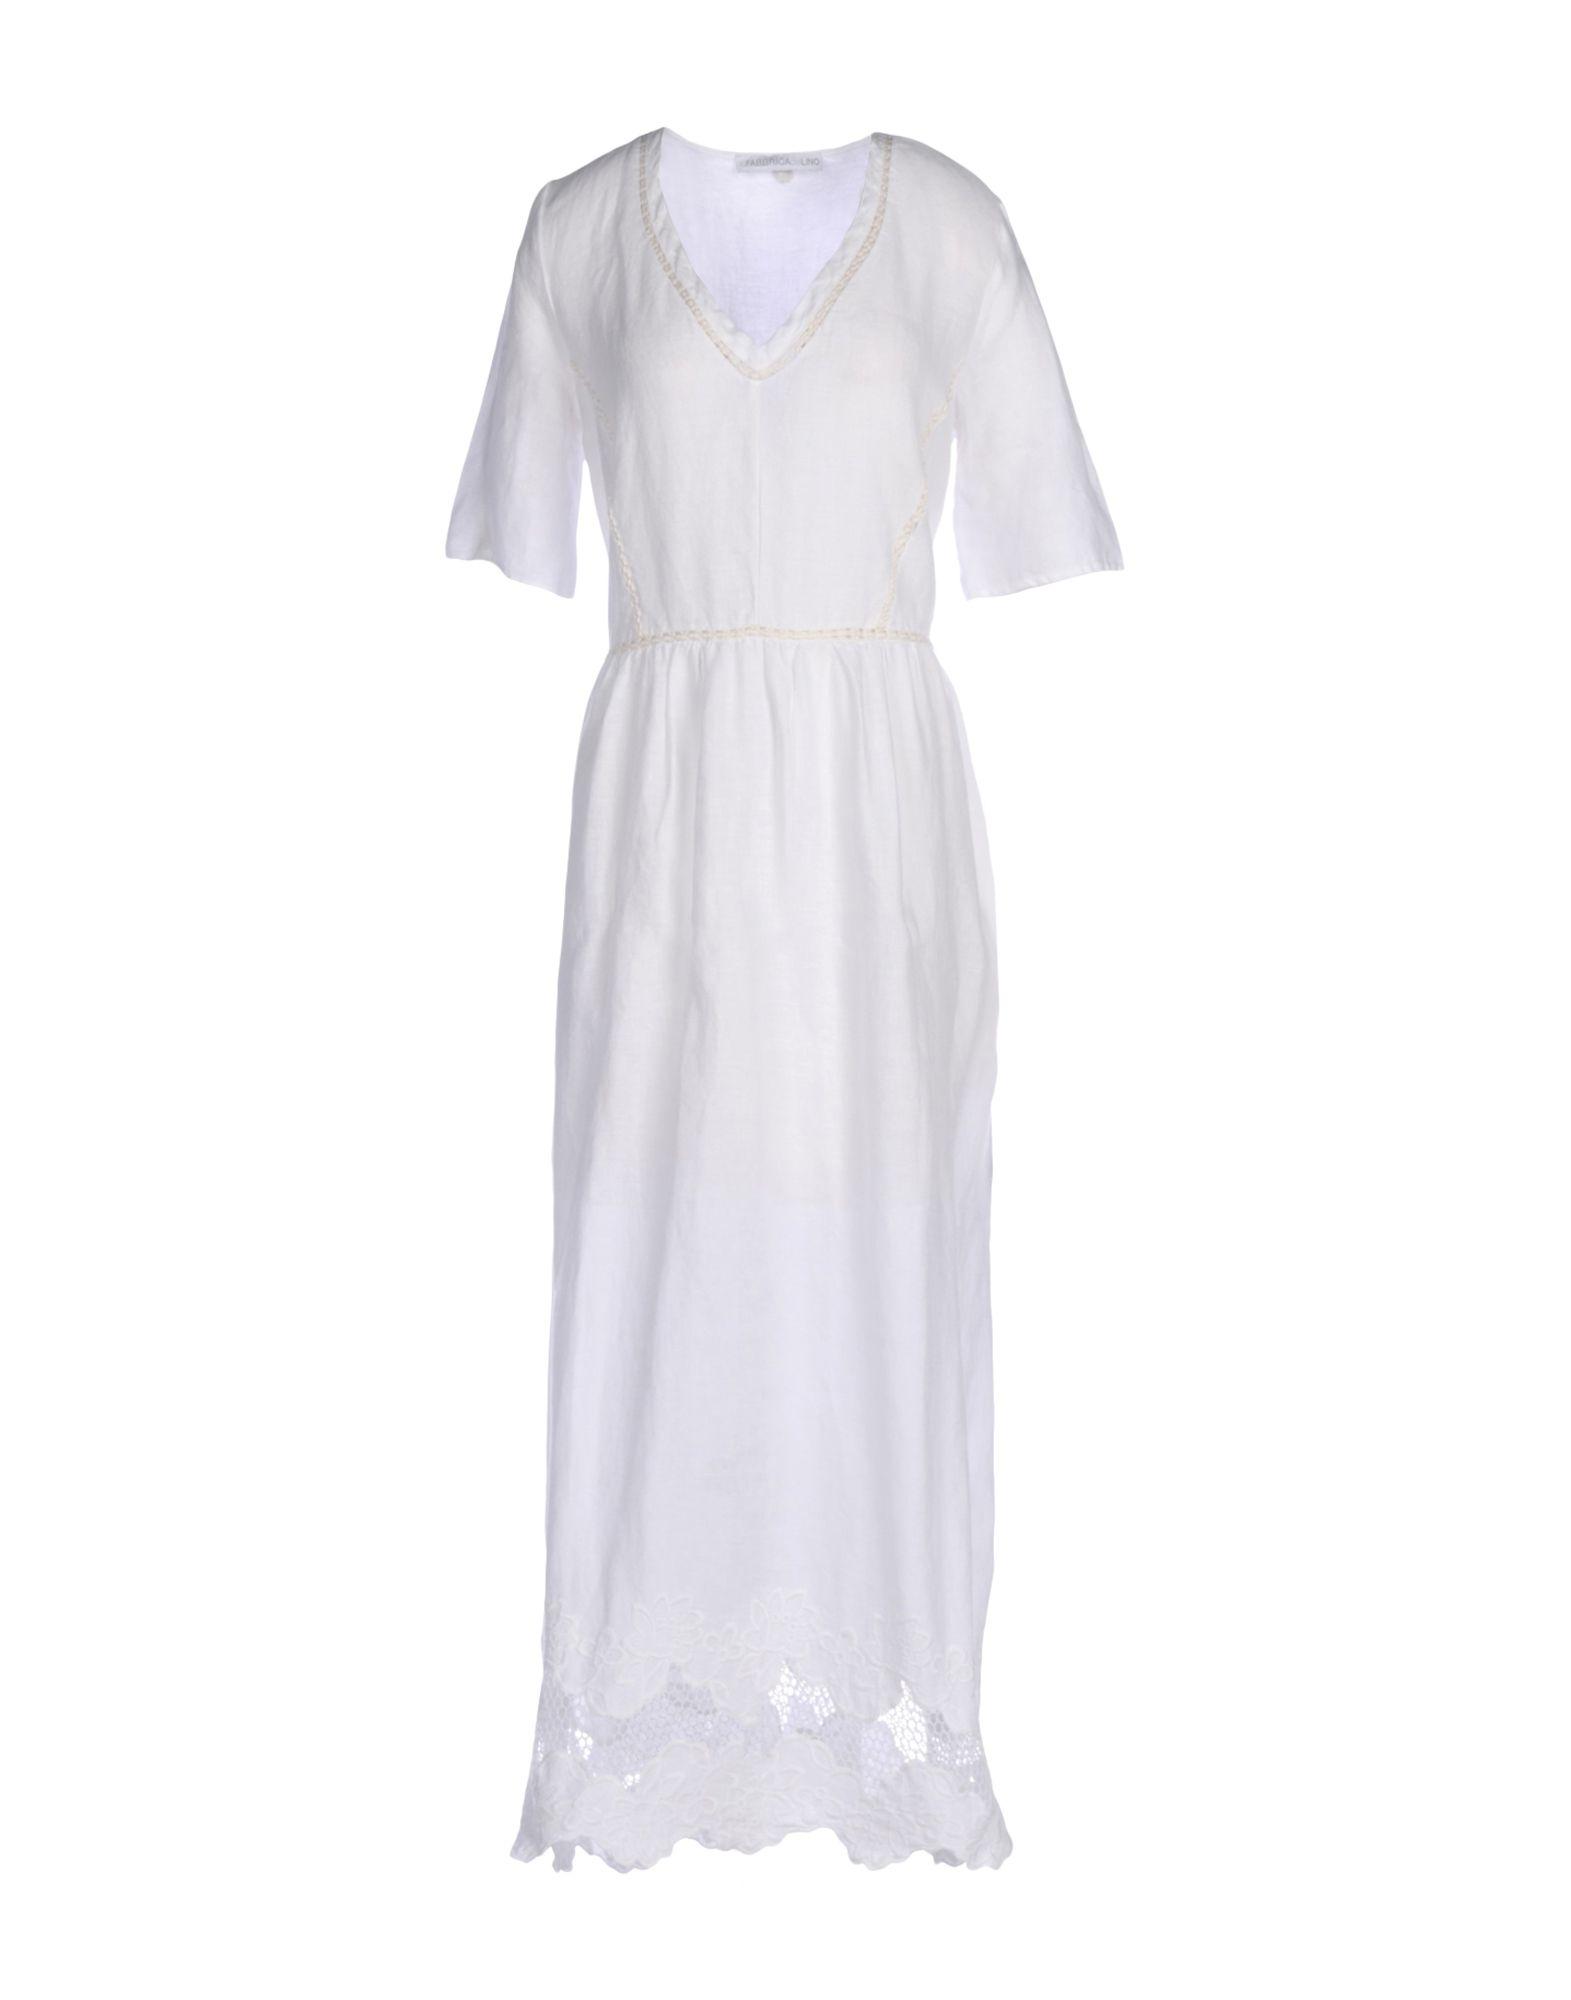 《送料無料》LA FABBRICA del LINO レディース ロングワンピース&ドレス ホワイト M 麻 100%